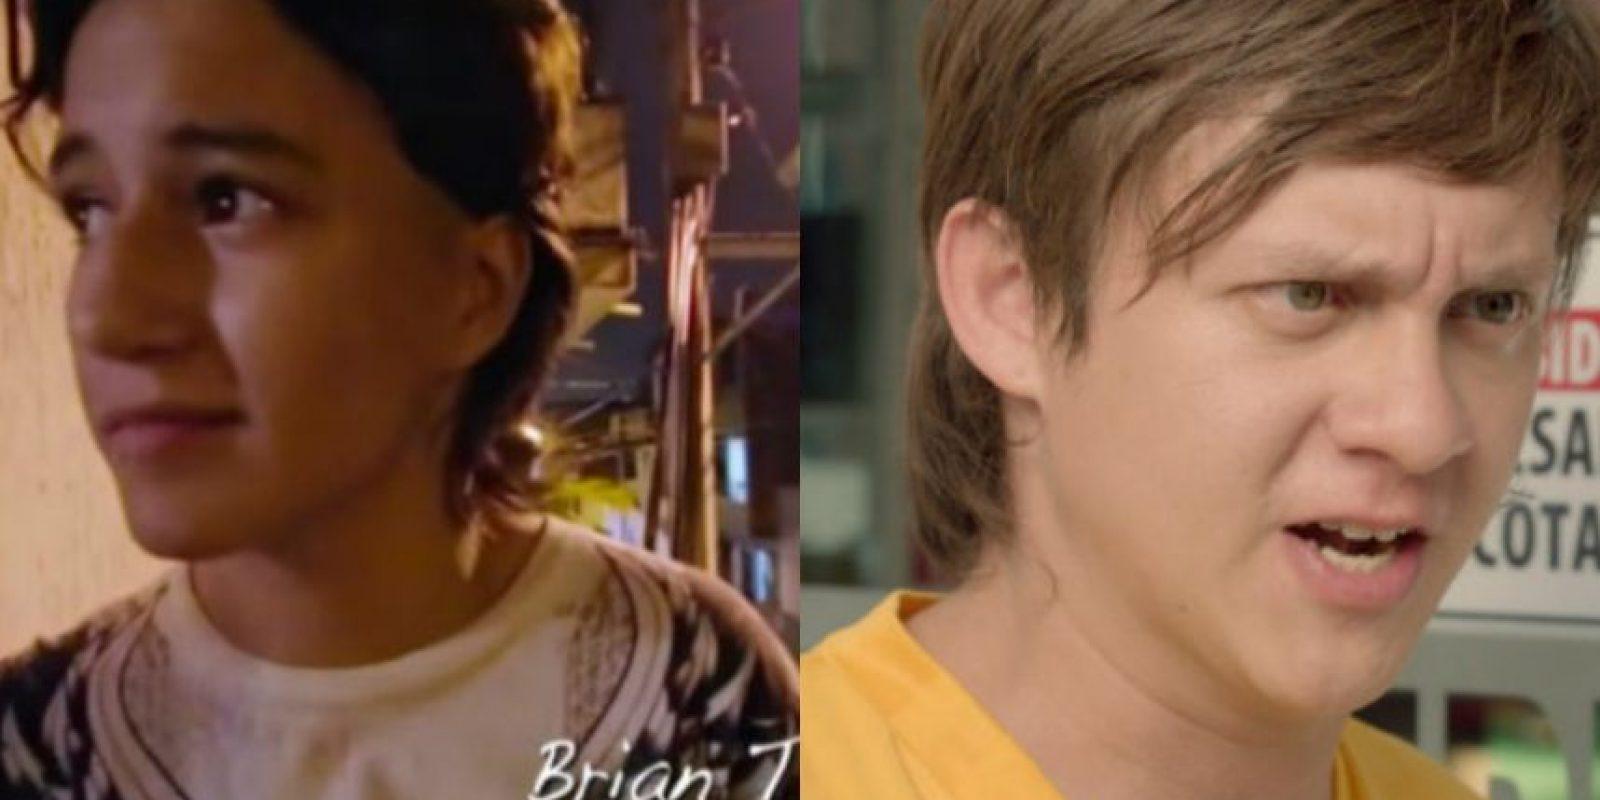 Didier es el verdadero Bryan Tabares, el hermano de la protagonista. Le da vida al personaje el actor Diego Garzón. Foto:Tomada de http://ladylavendedoraderosas.canalrcn.com